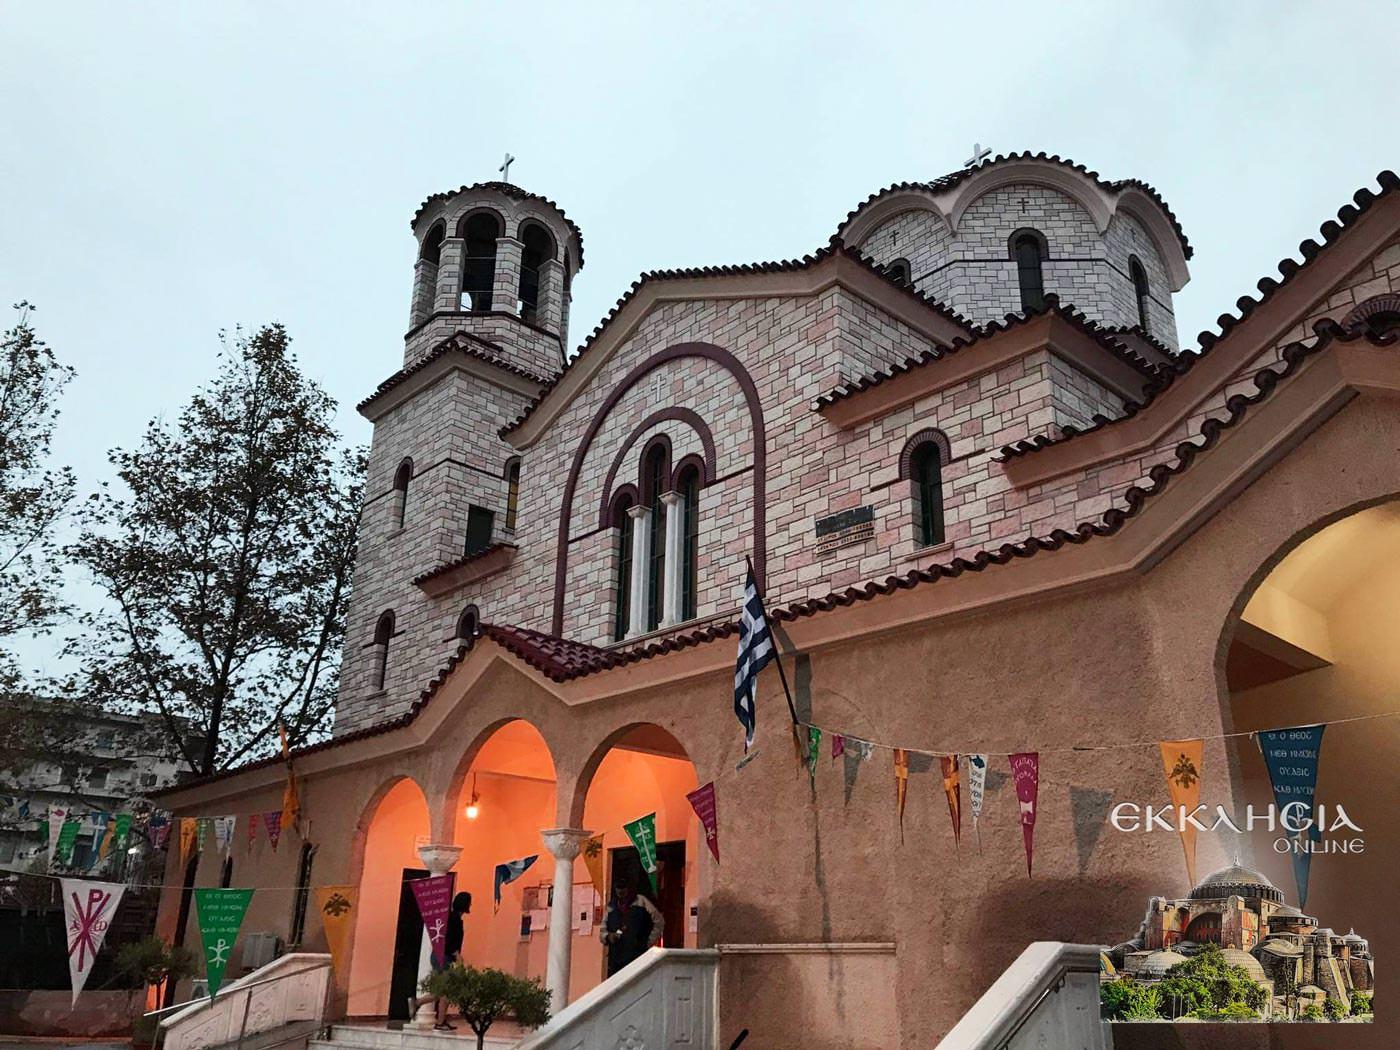 Ιερός Ναός Άγιος Κοσμάς Αιτωλός Μαρούσι 2019